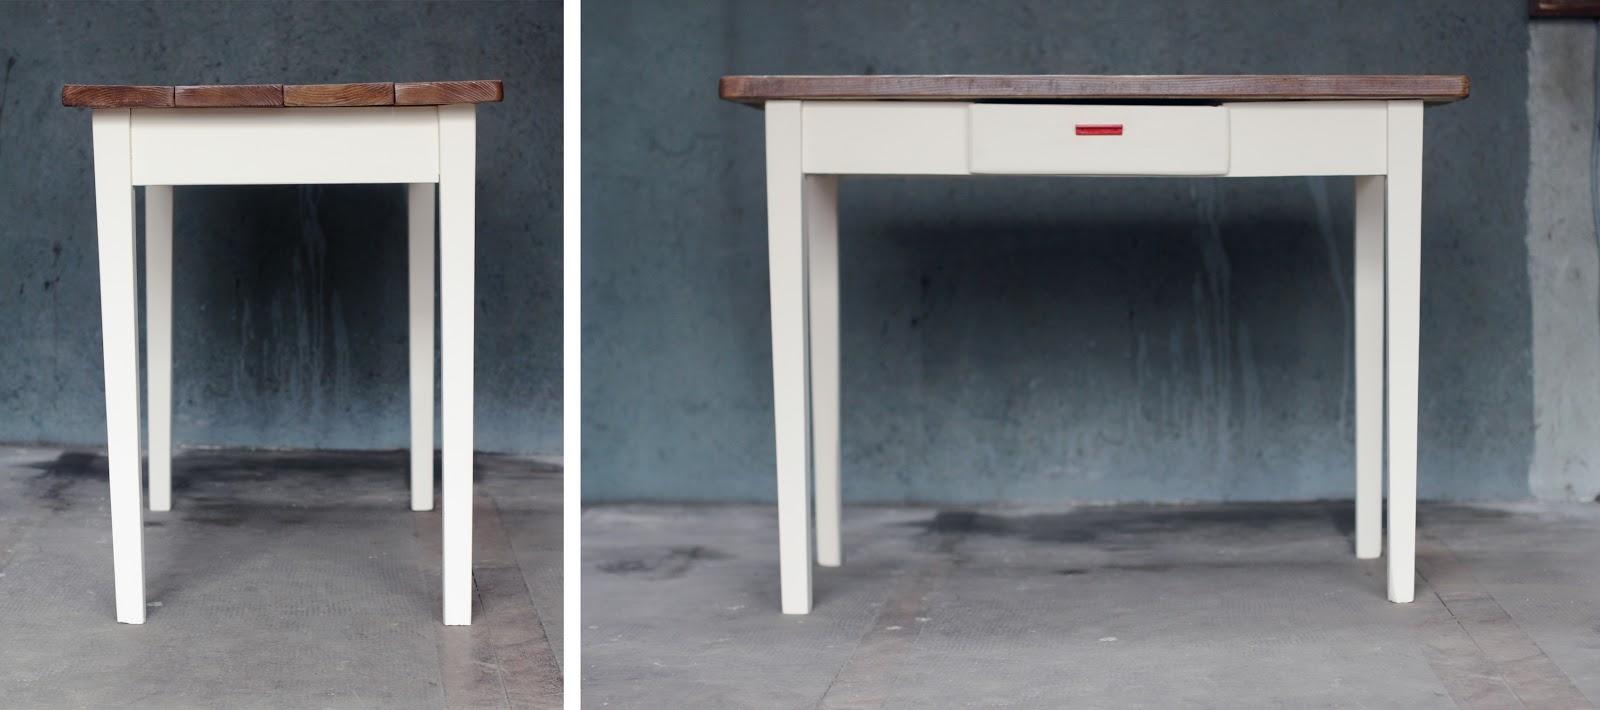 de derri re les fagots la petite table manger ou bureau 150 euros vendue. Black Bedroom Furniture Sets. Home Design Ideas